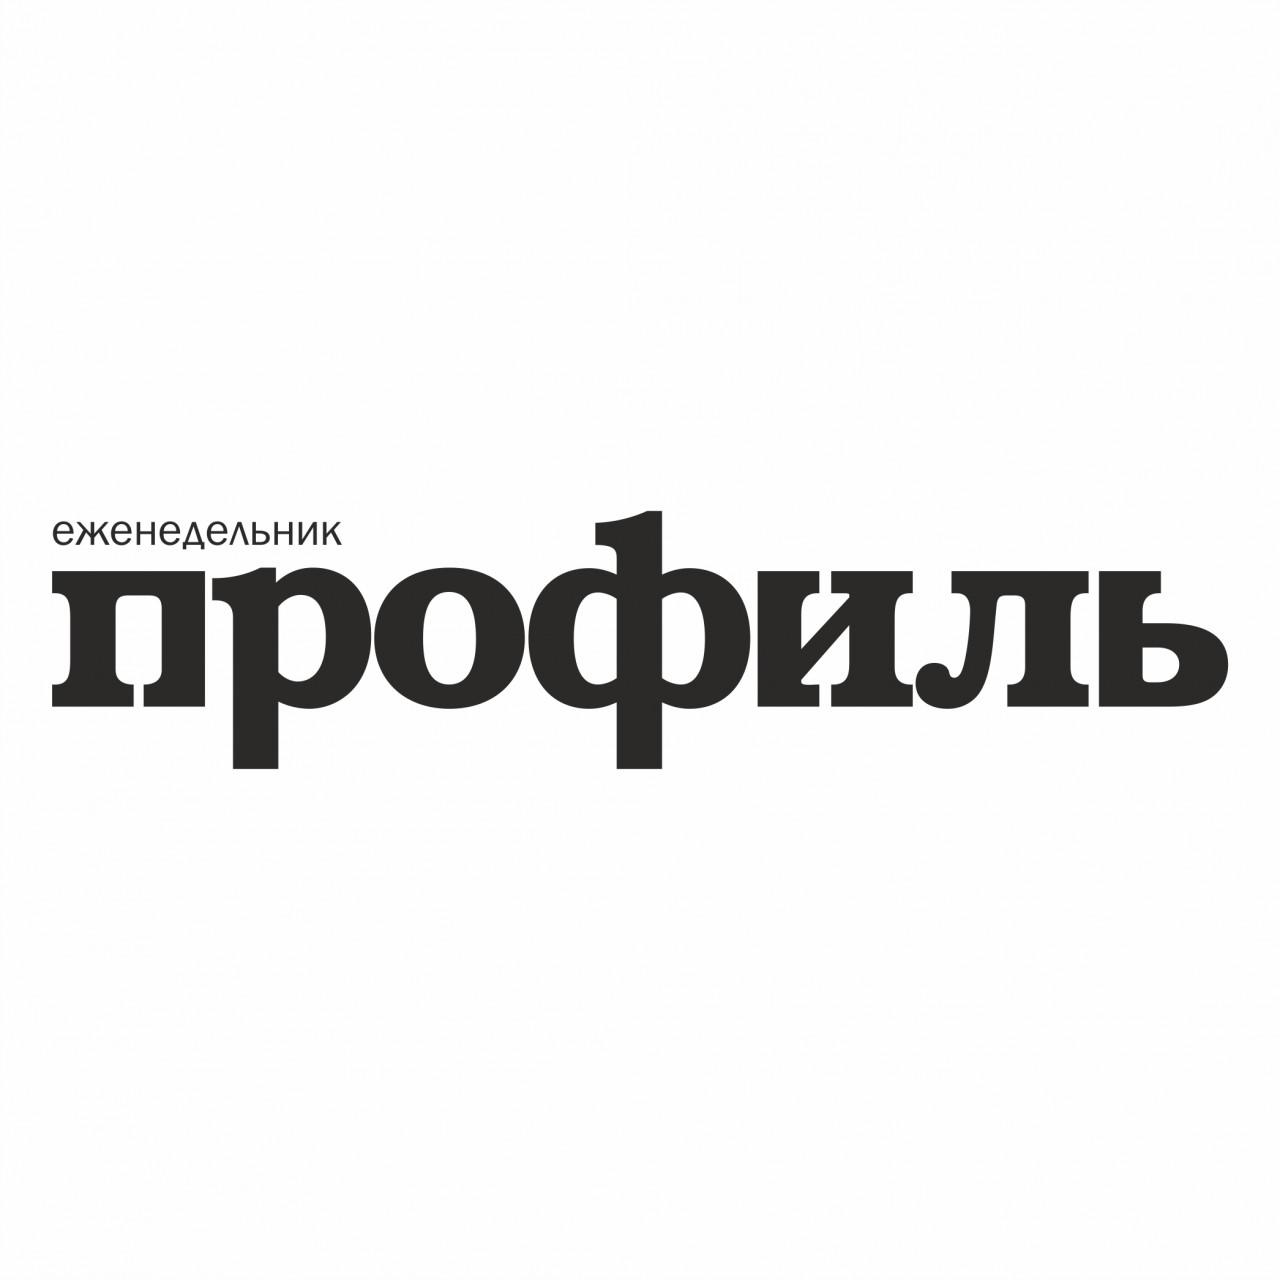 Матвиенко заявила о невозможности отложить пенсионную реформу